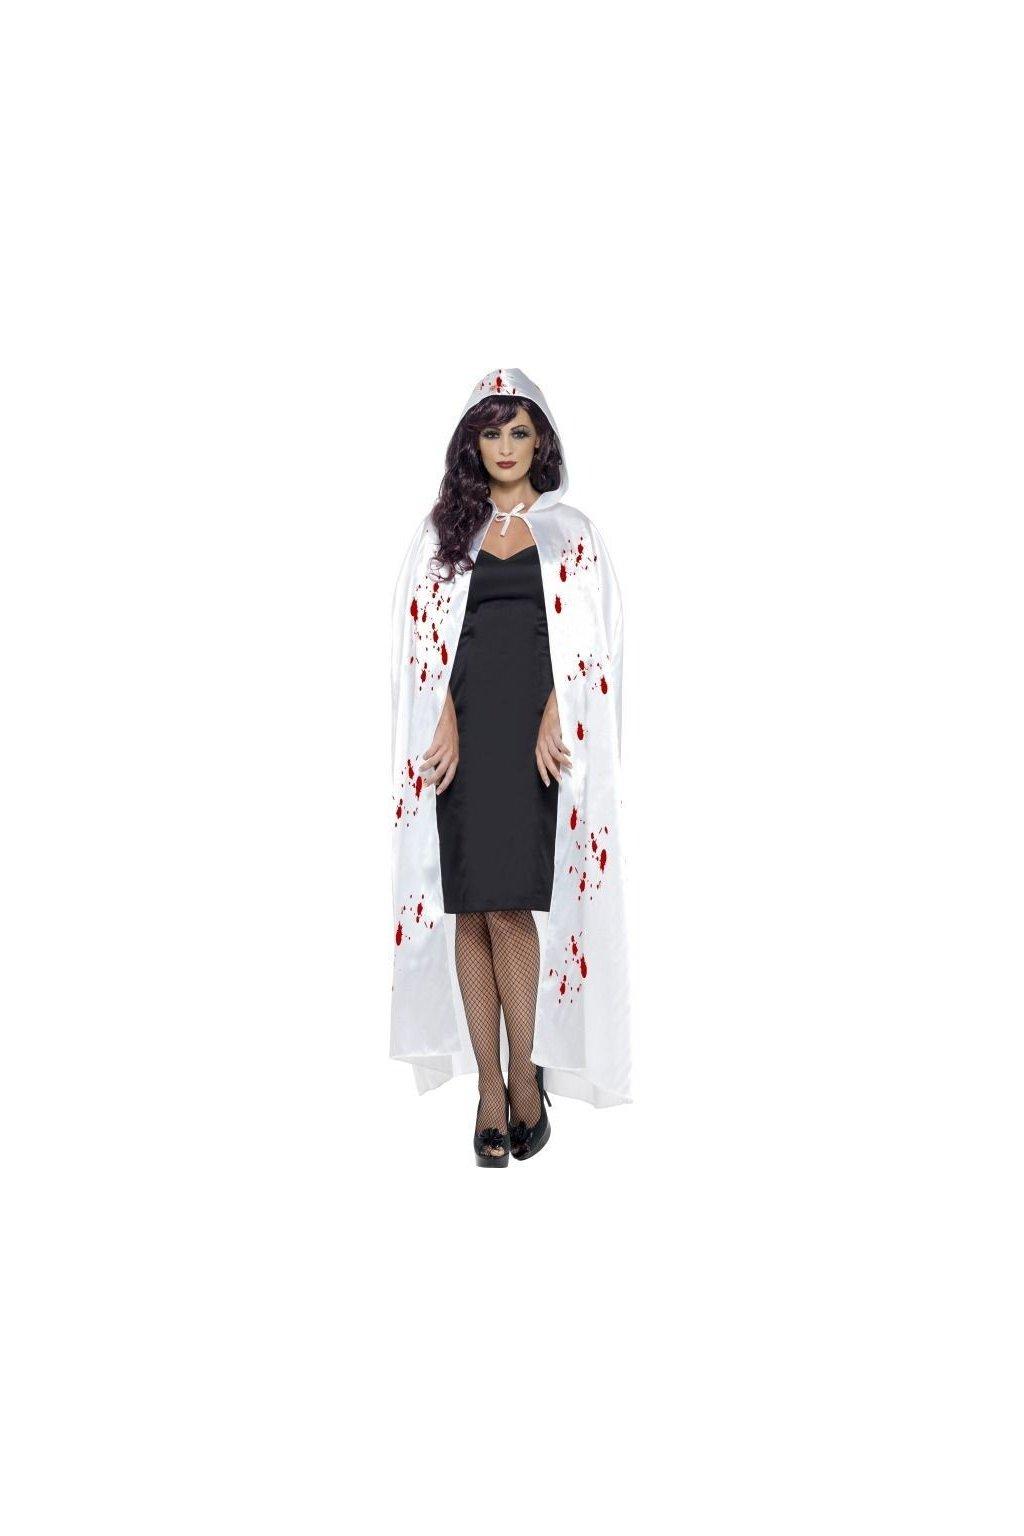 Bílý plášť s krví